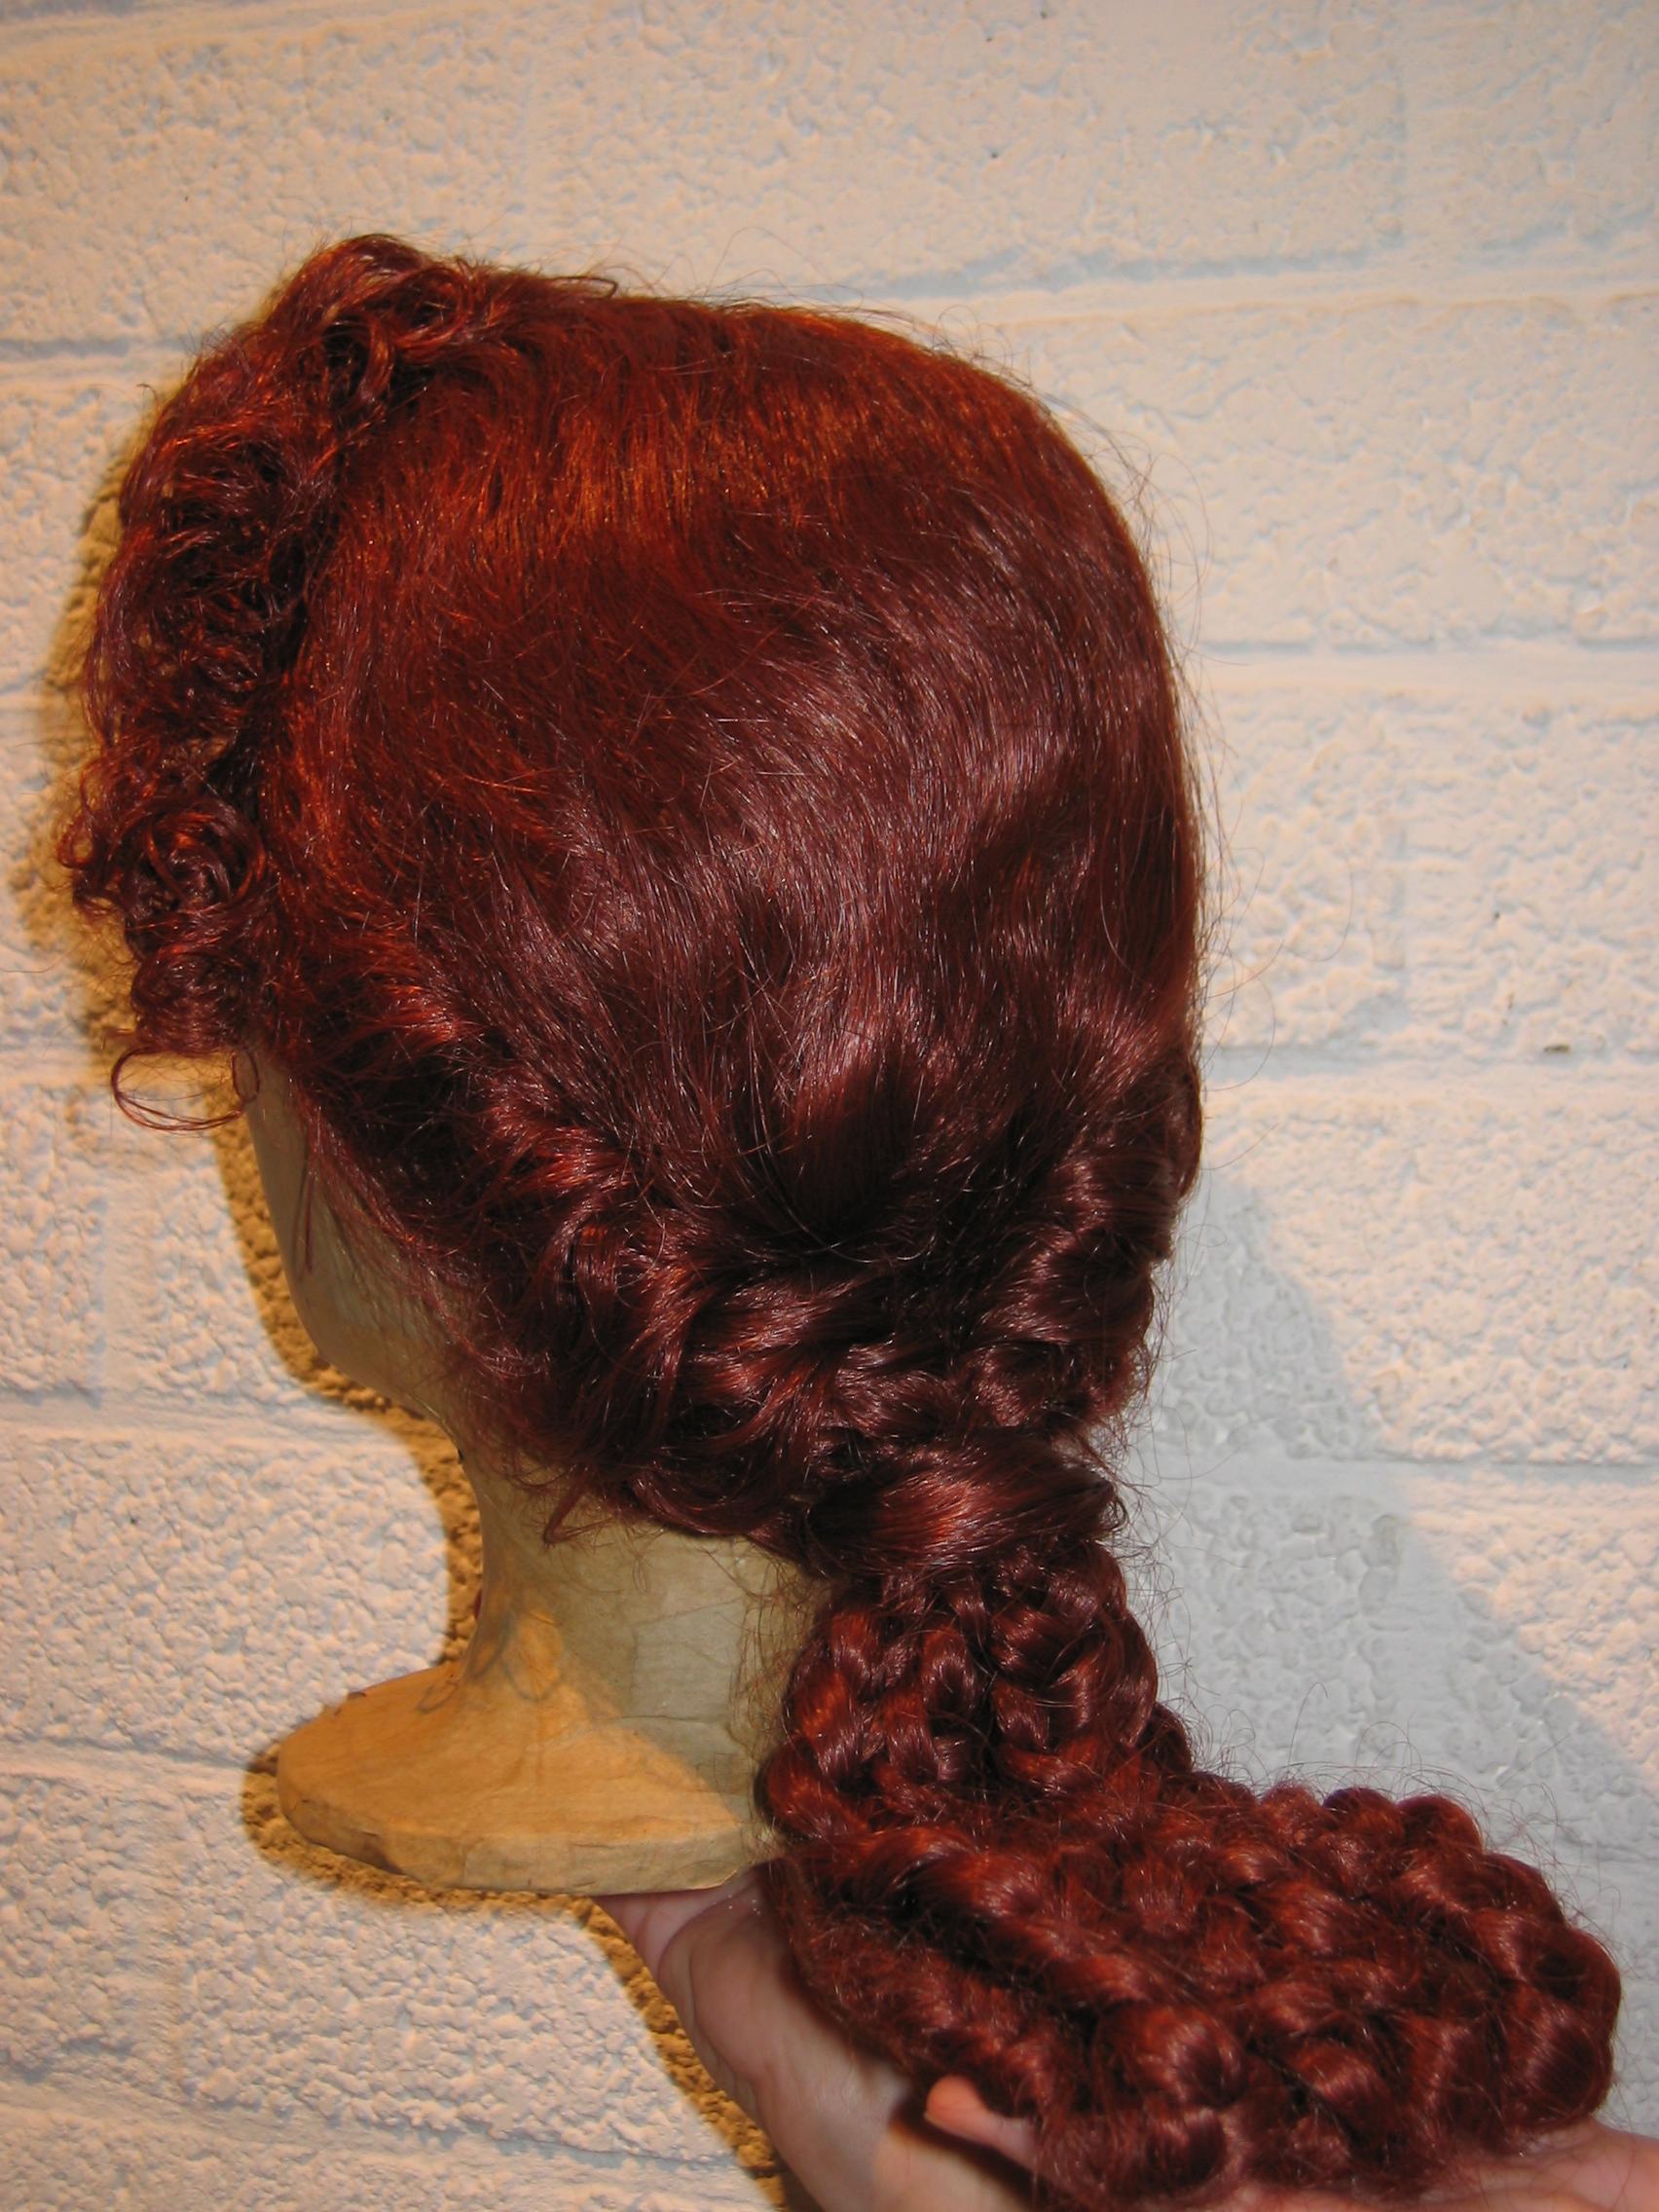 Römische Frisuren: Perücken sind Alltag! - Forum Traiani ®